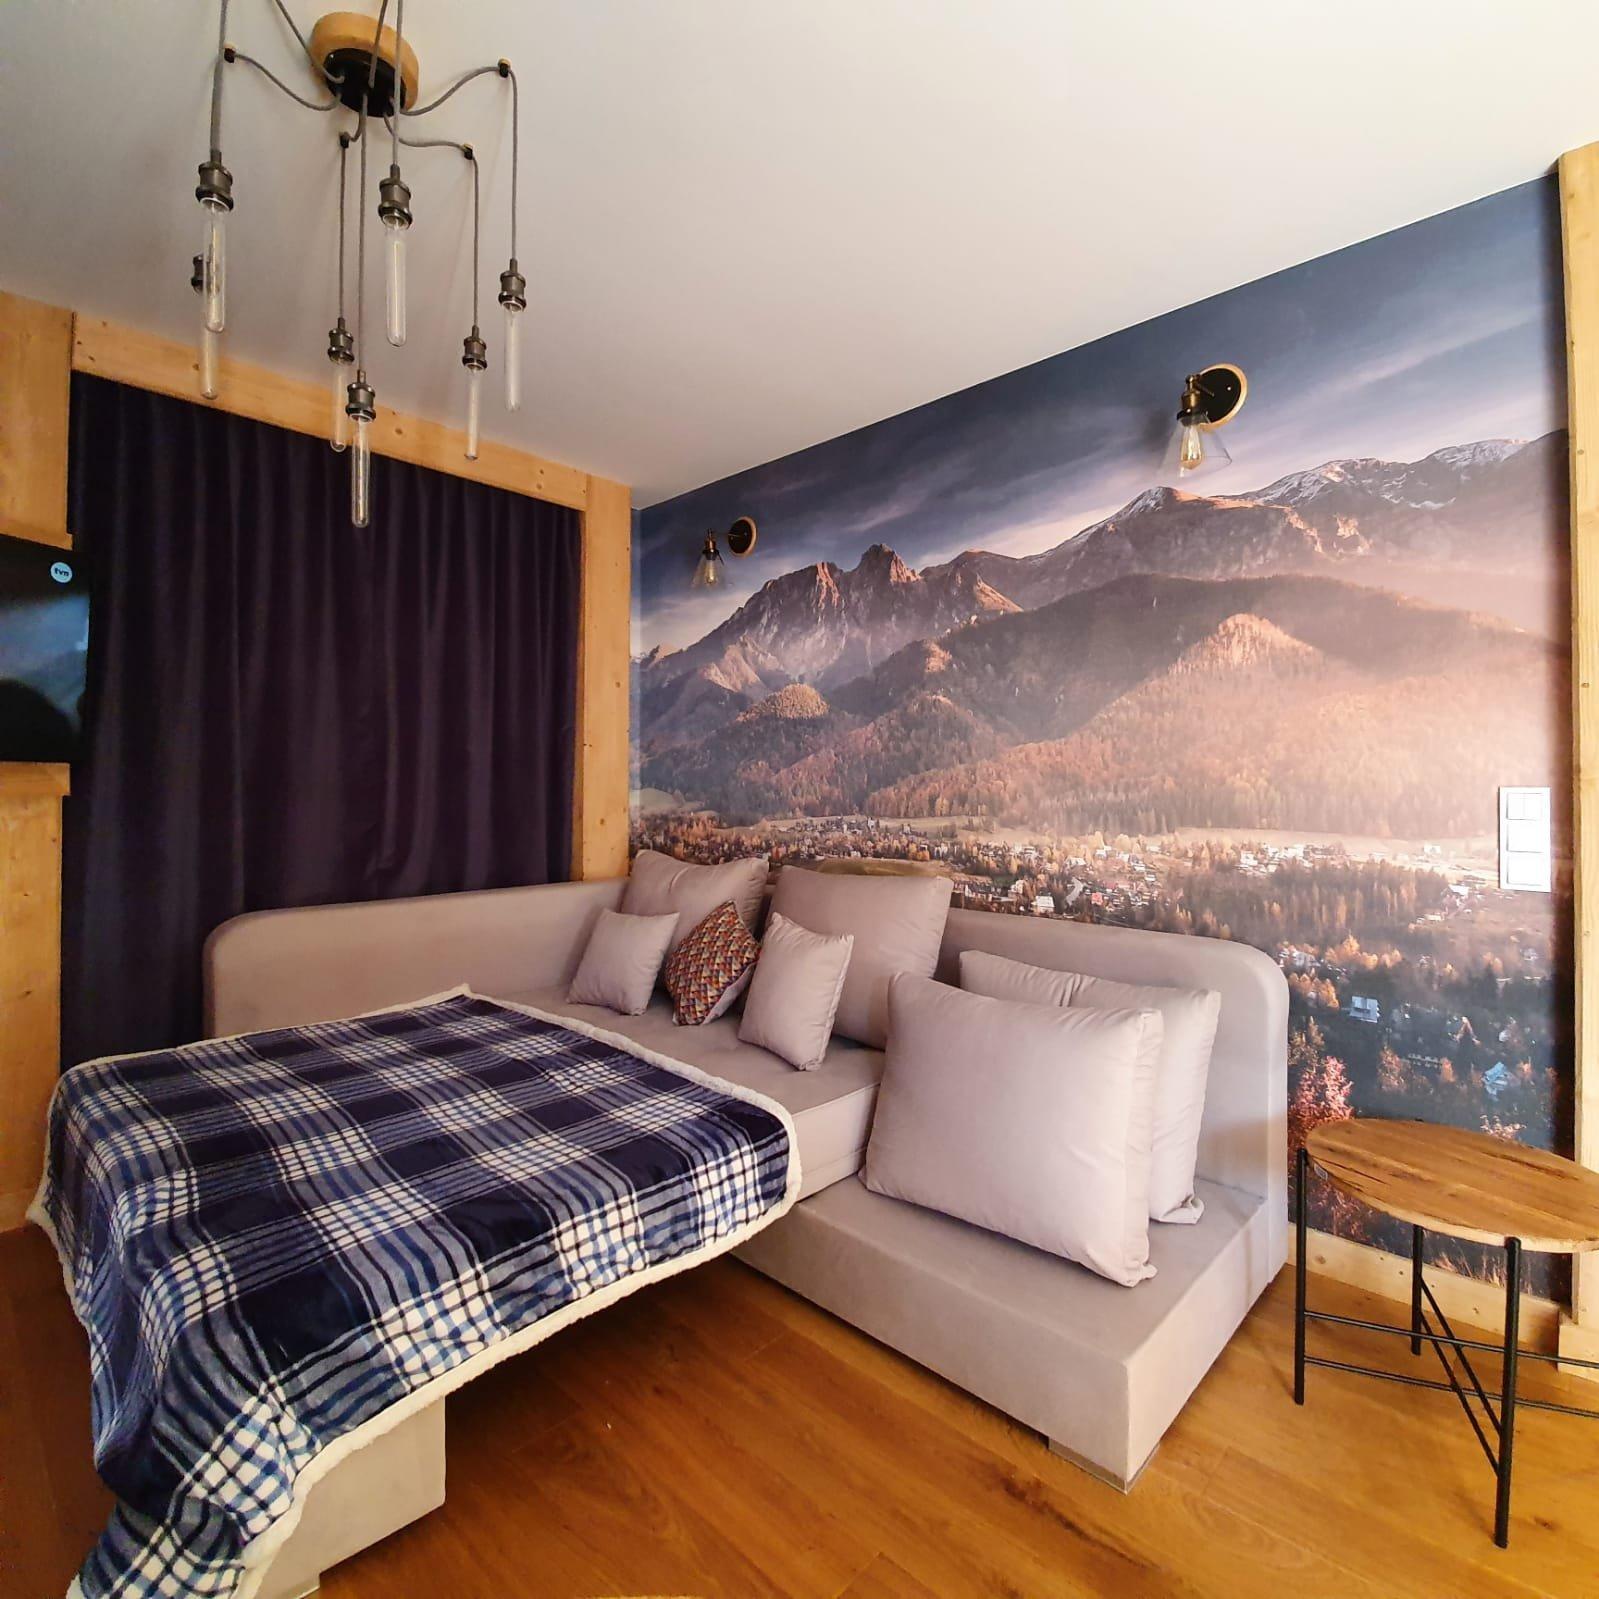 Apartament BACIARA-prywatny, 2 pok., przy Krupówkach,Zakopane-5278